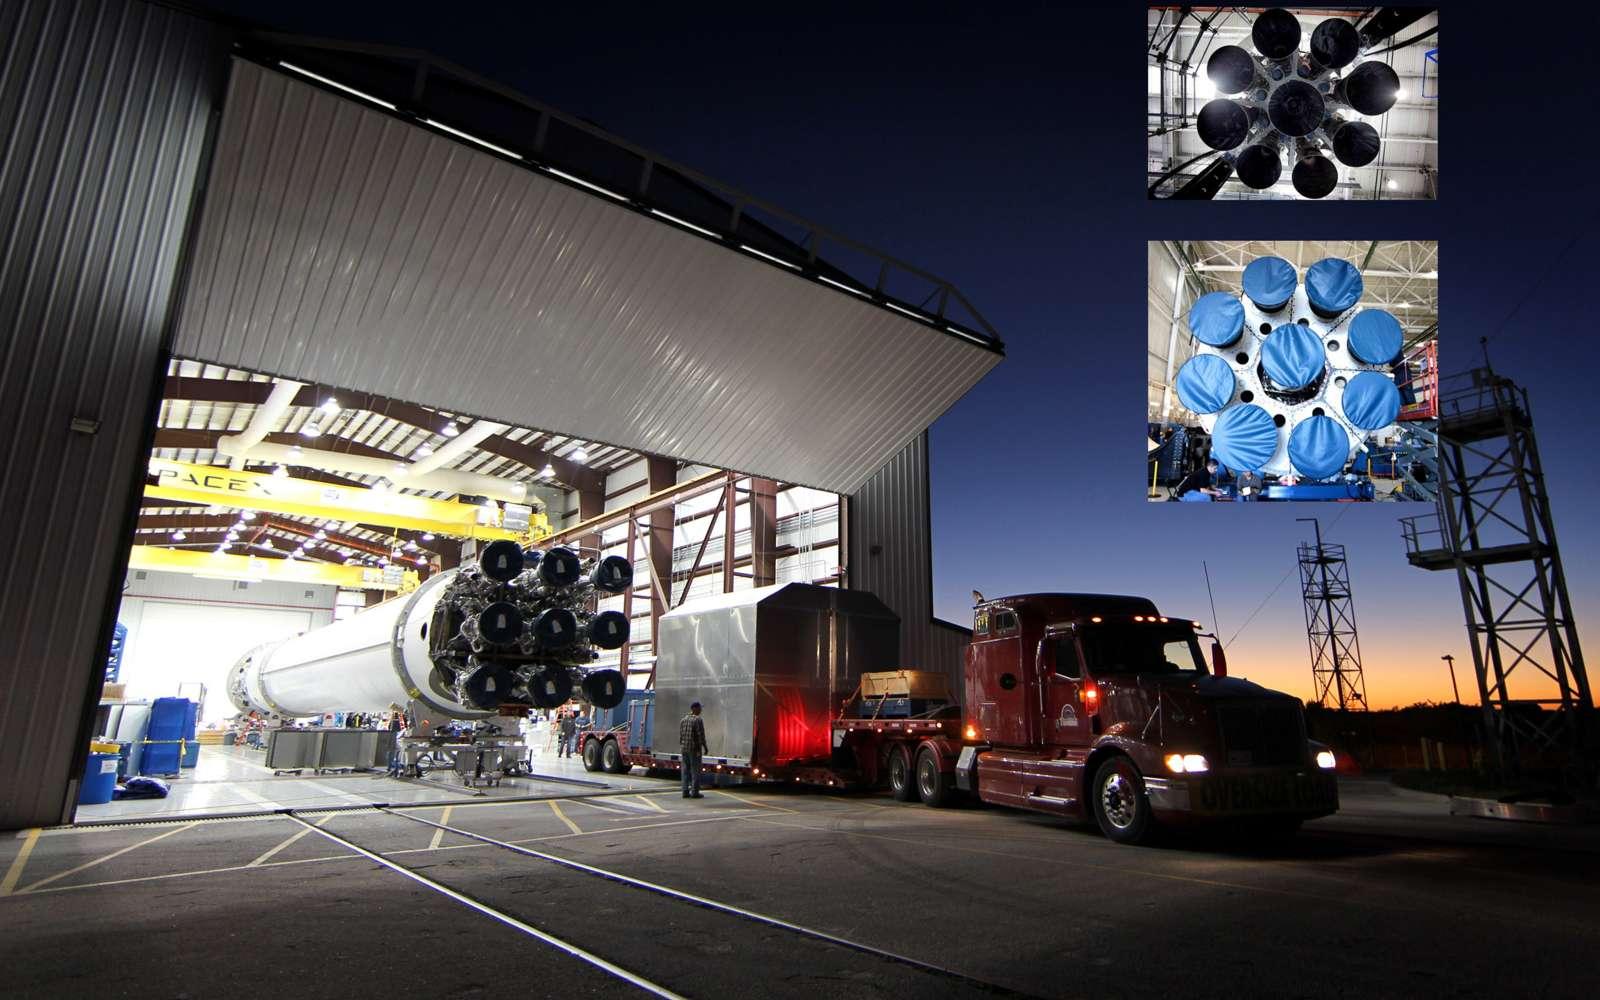 Retiré du service, le lanceur Falcon 9 de base sera remplacé par une version améliorée aux performances légèrement supérieures. Son premier vol d'essai est prévu le 5 septembre depuis le nouveau pas de tir de SpaceX, à la base de l'US Air Force de Vandenberg. © SpaceX